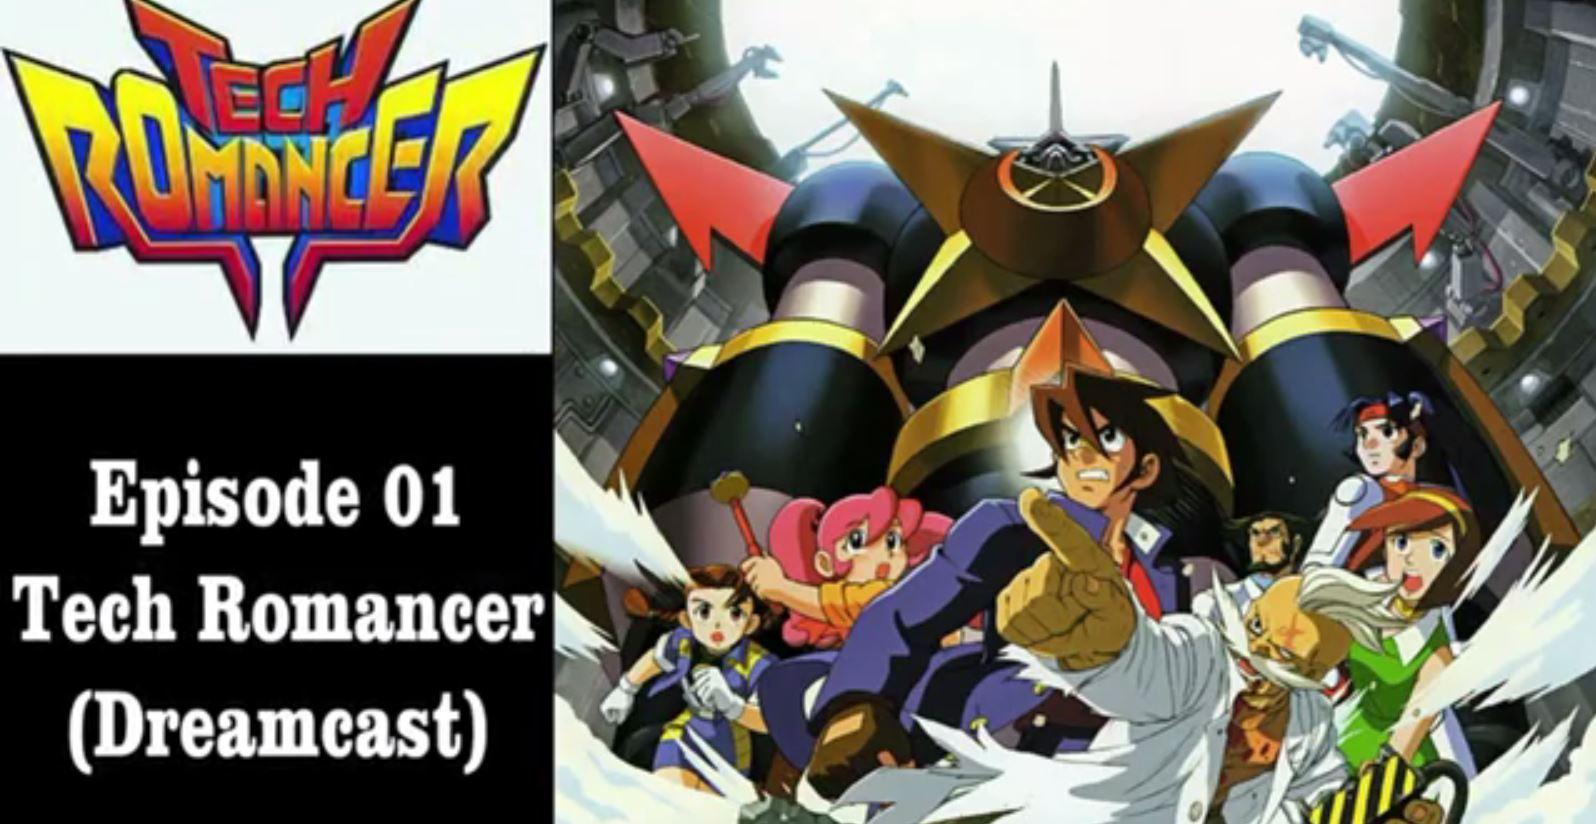 Rewind : Episode 01 – Tech Romancer sur Dreamcast